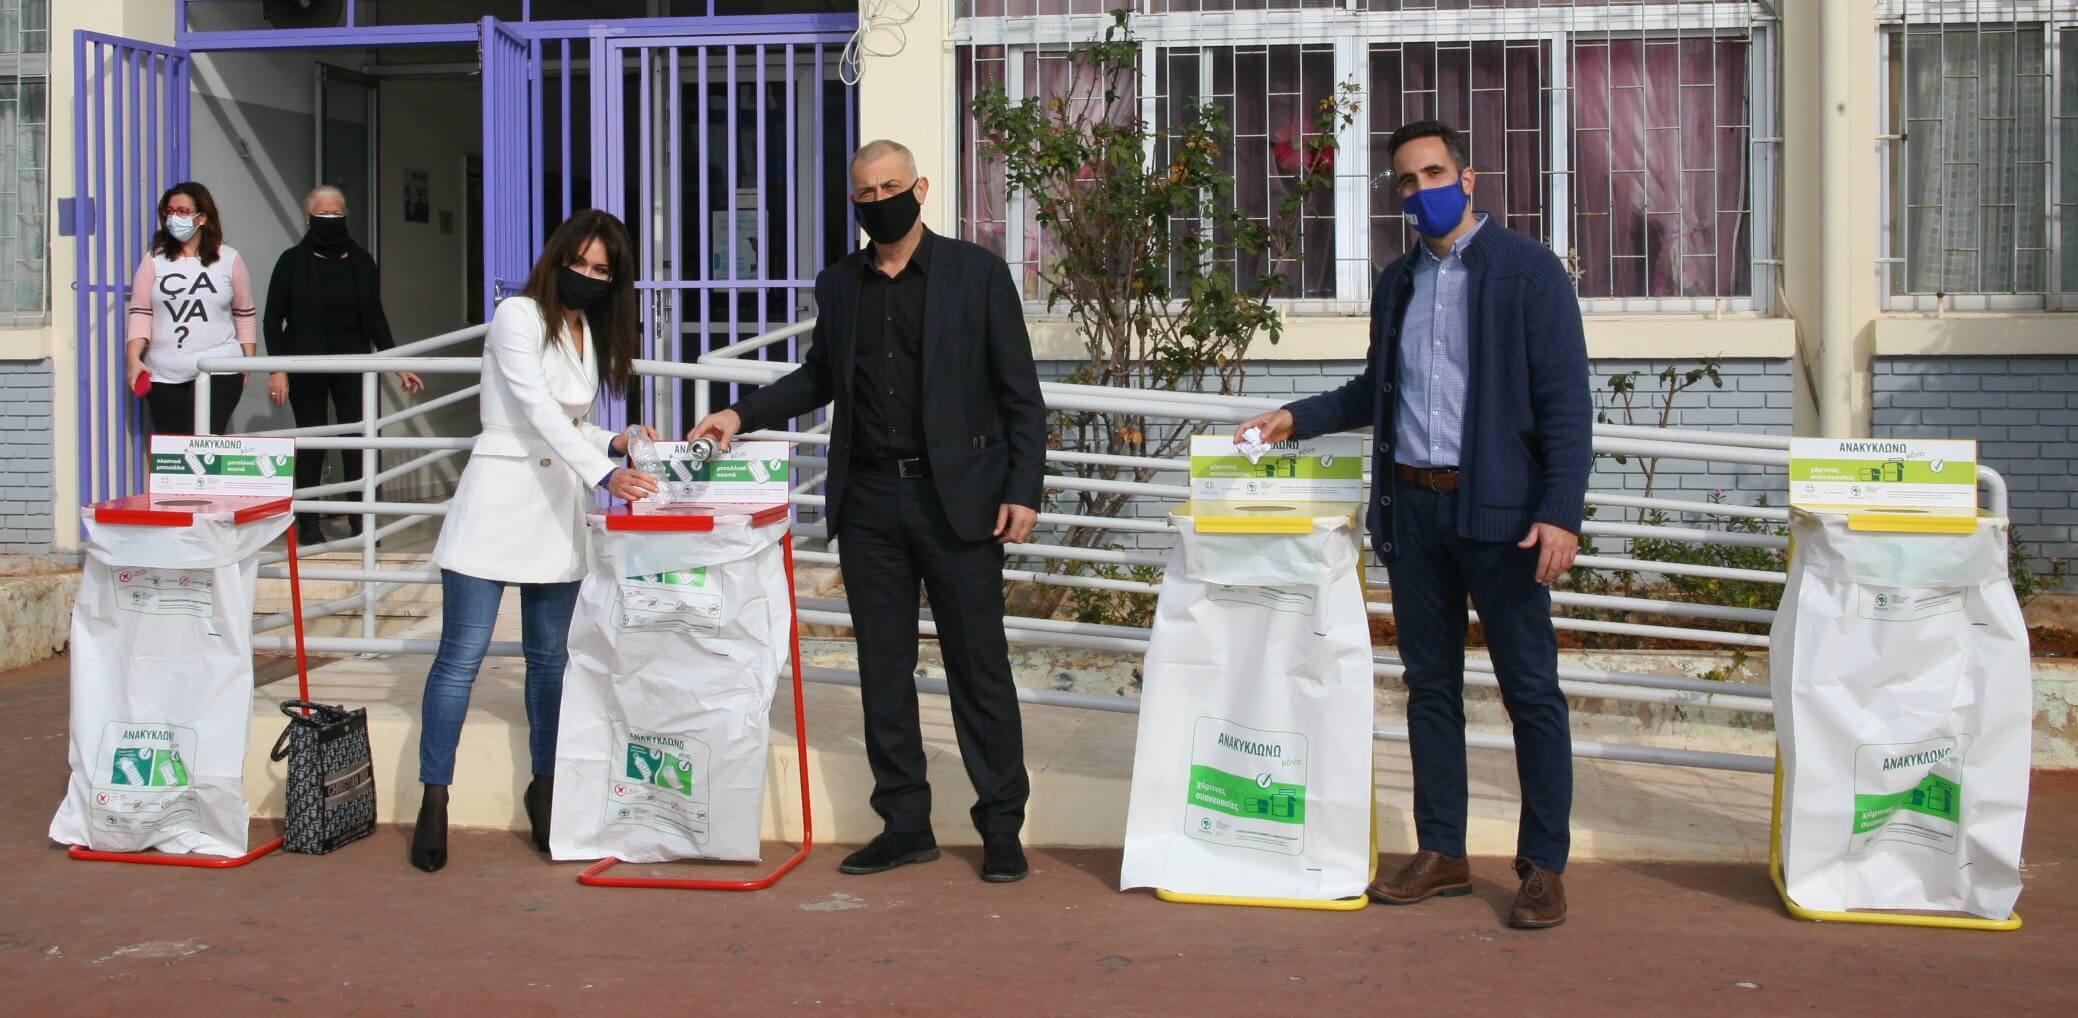 Δήμος Πειραιά: Τοποθετεί κάδους ανακύκλωσης σε όλα τα σχολεία της πόλης